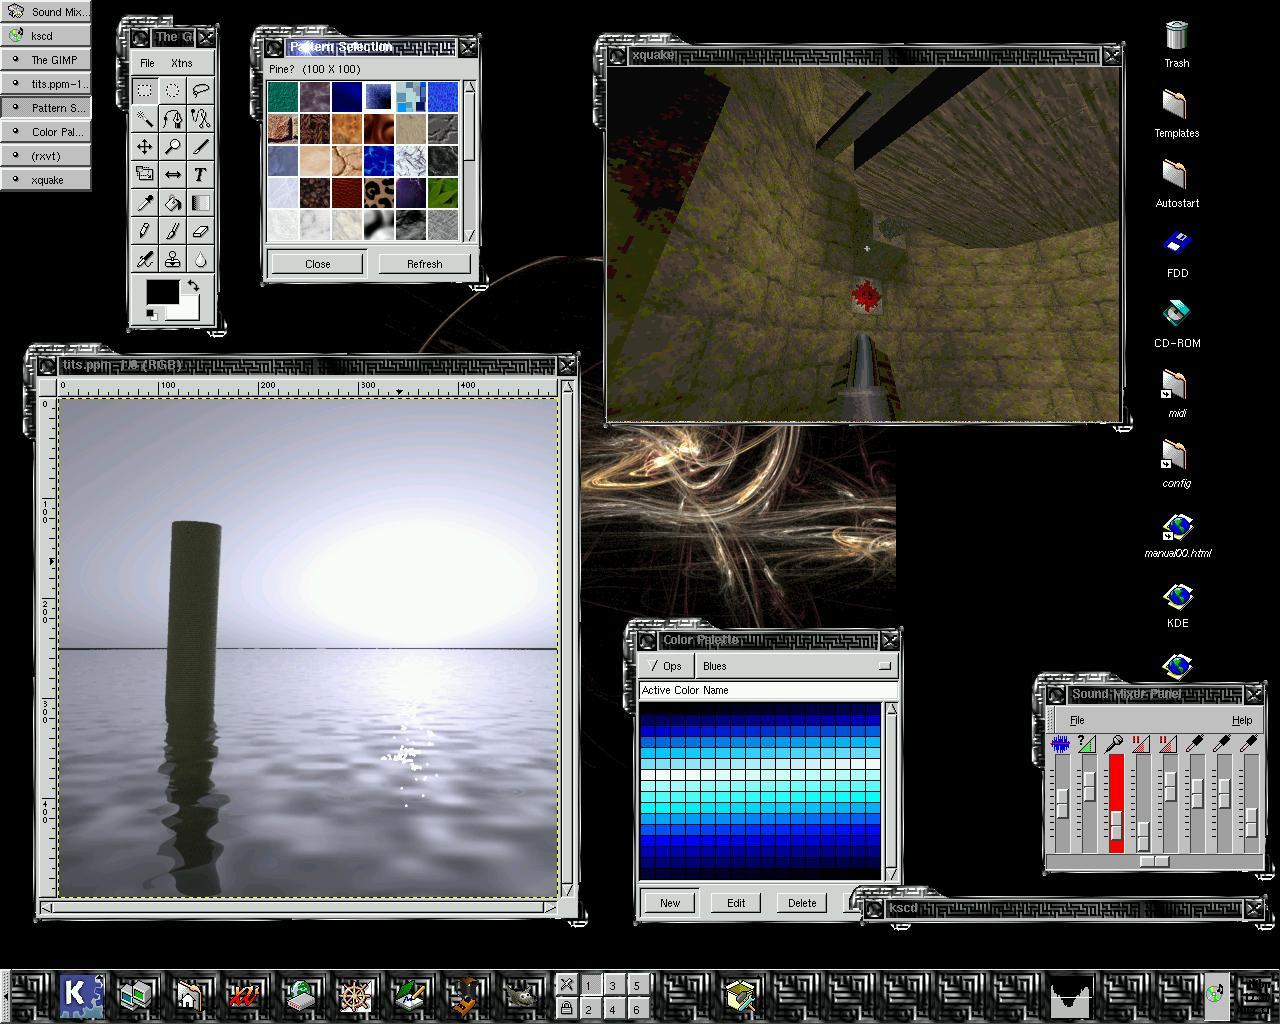 Maze Inspired Theme Screens Ktheme_mazed_small Jpg A Maze Inspired Theme Screens Ktheme_openlook 0 1 Tgz A Theme Which Looks Similiar To Olvwm